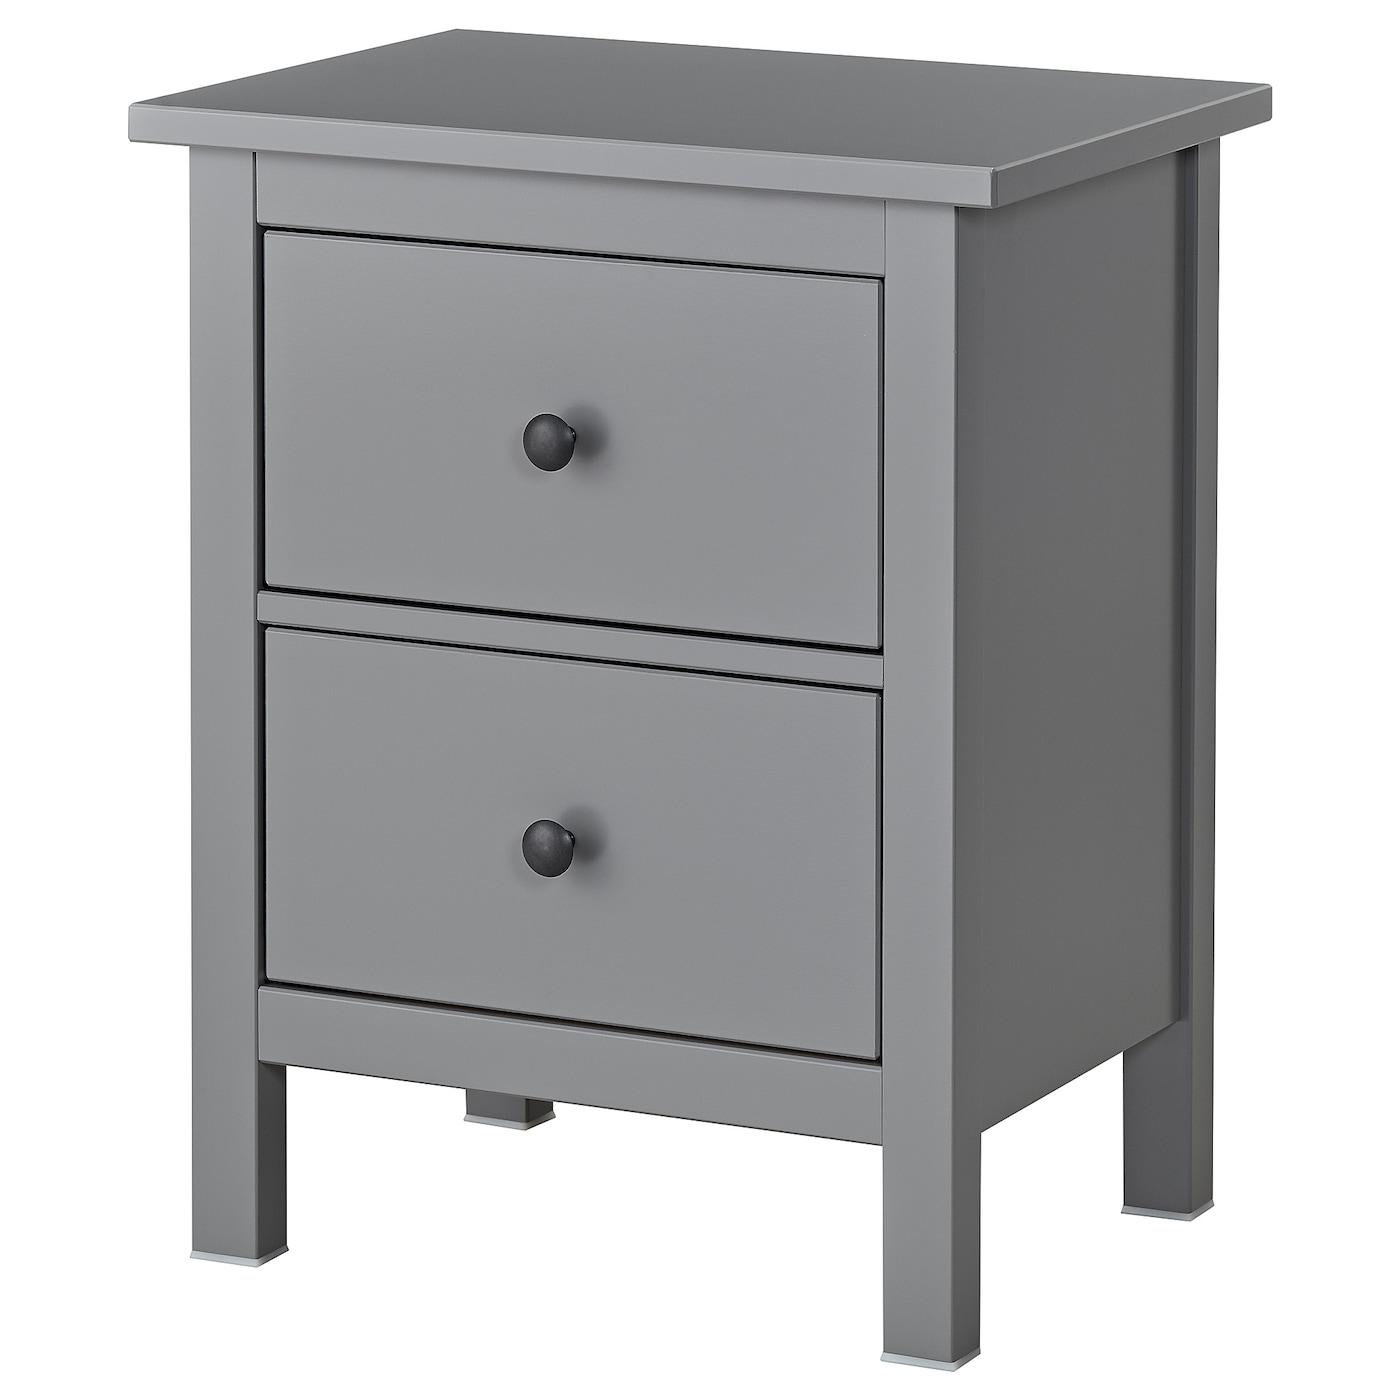 IKEA HEMNES Komoda, 2 szuflady, szary, 54x66 cm